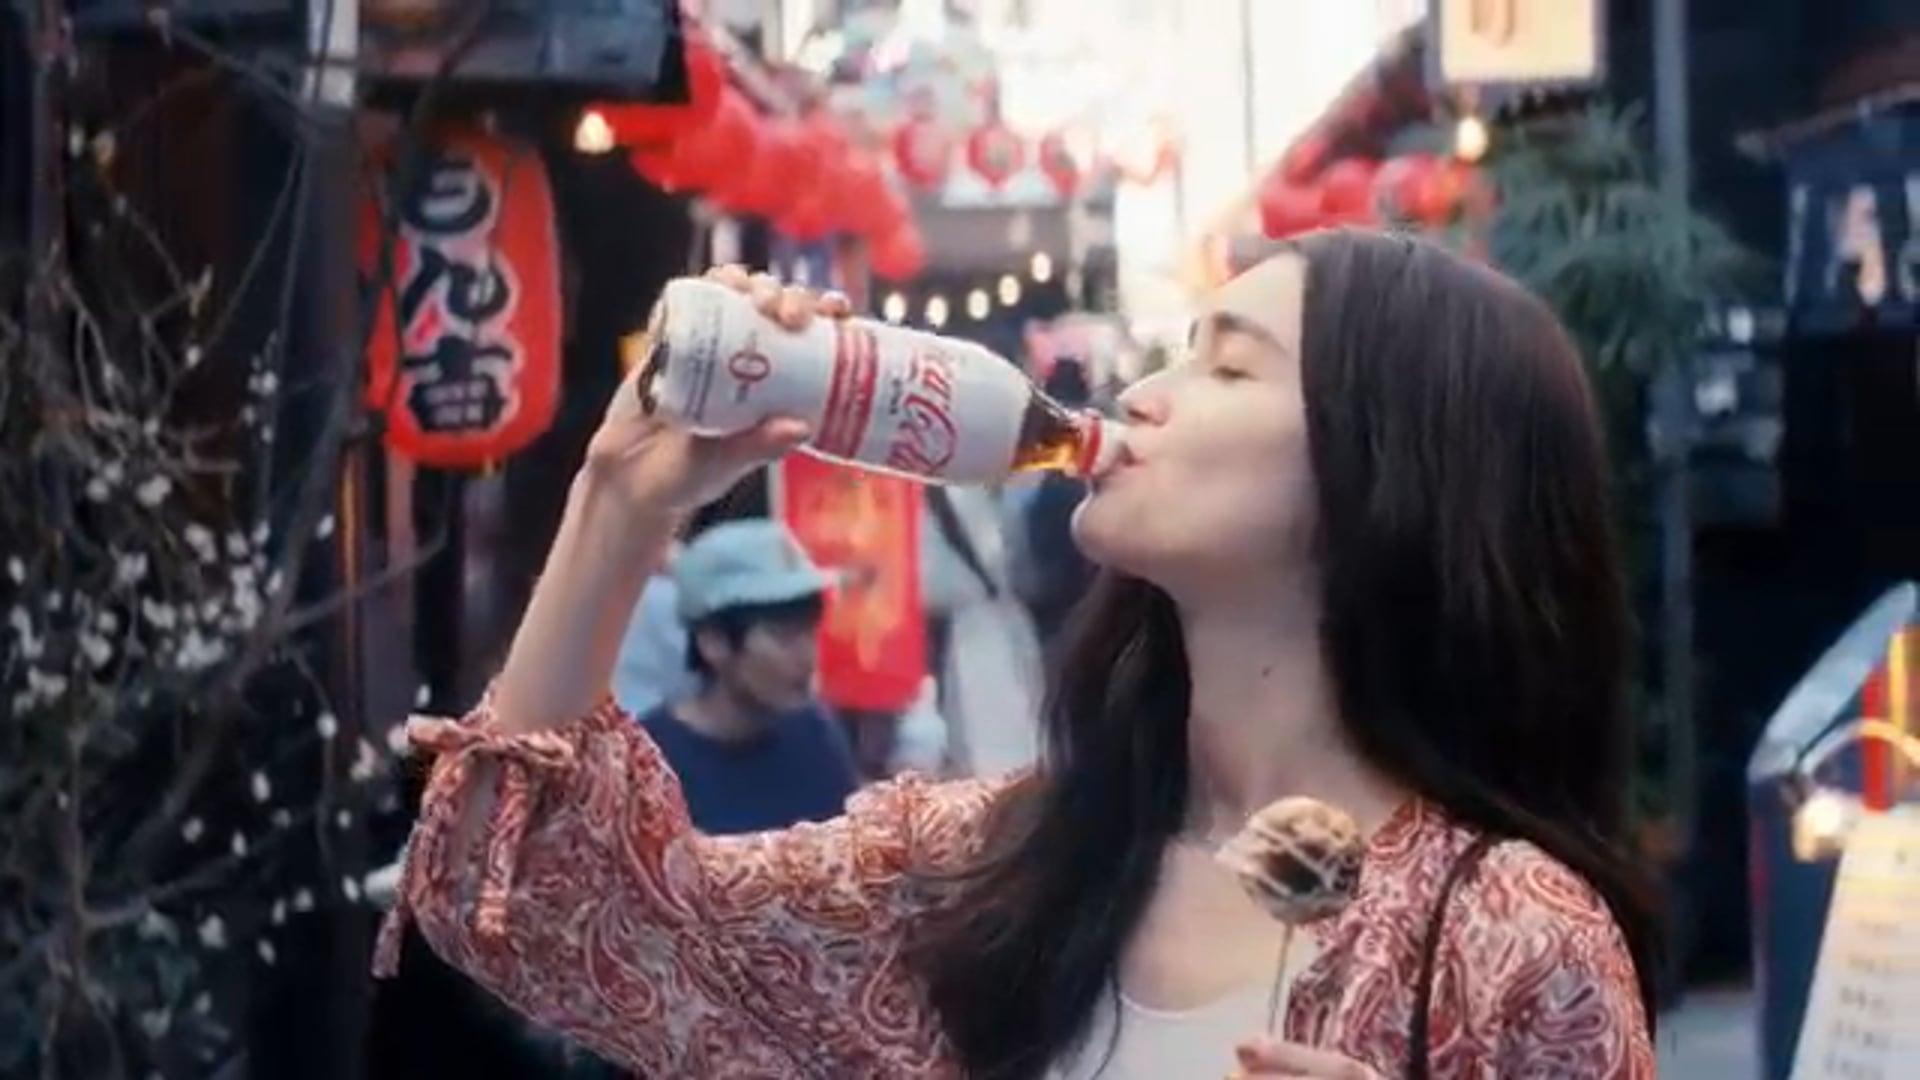 【コカ・コーラ】「コカ・コーラ プラス こう見えて」篇 30秒 Coca-Cola